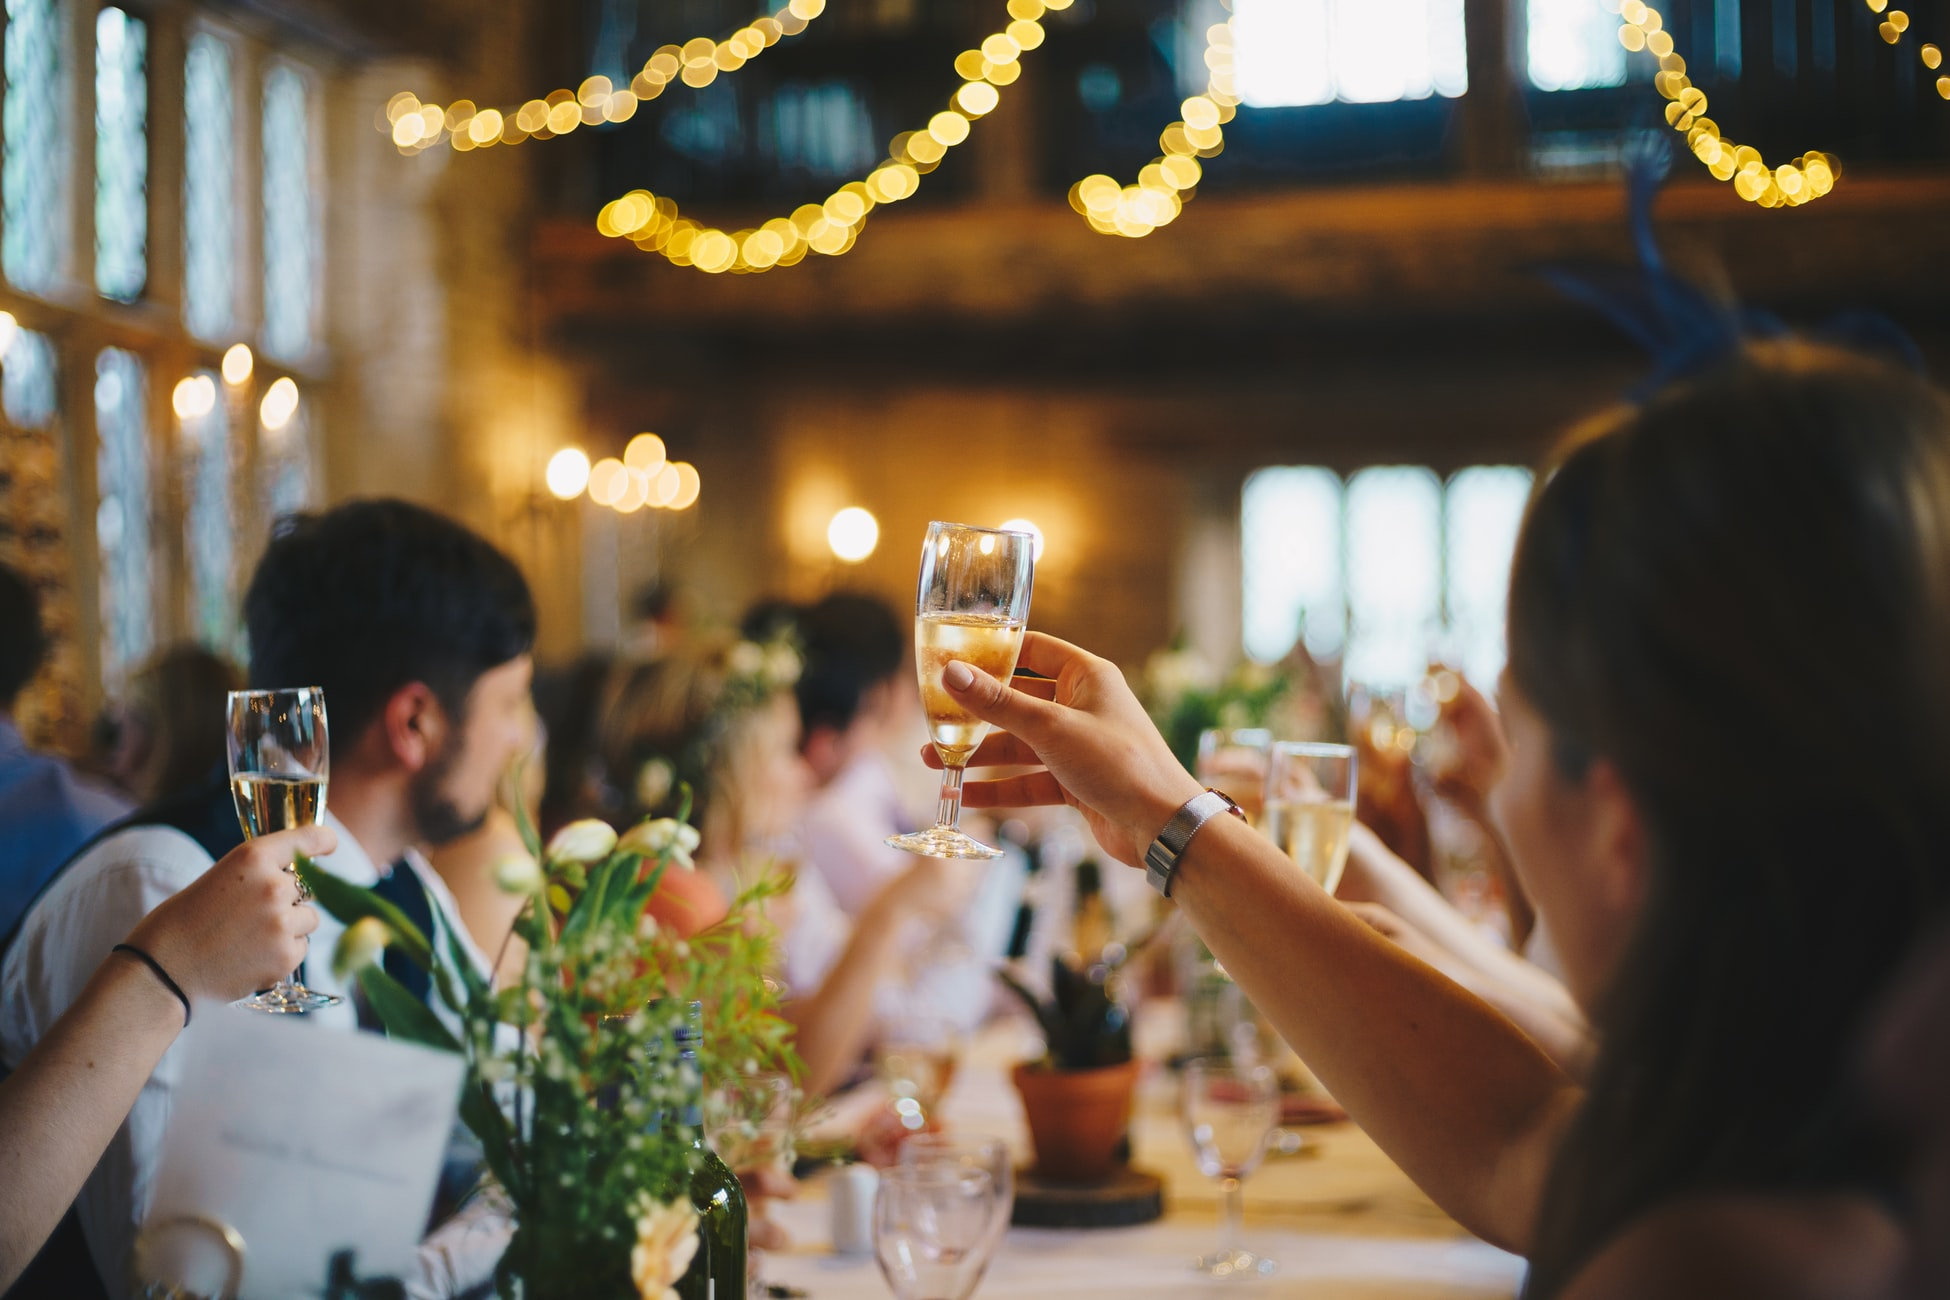 la-boite-d-allumettes-maison-collet-champagne-ay-paris-fashion-week-credit-alasdair-elmes-unsplash